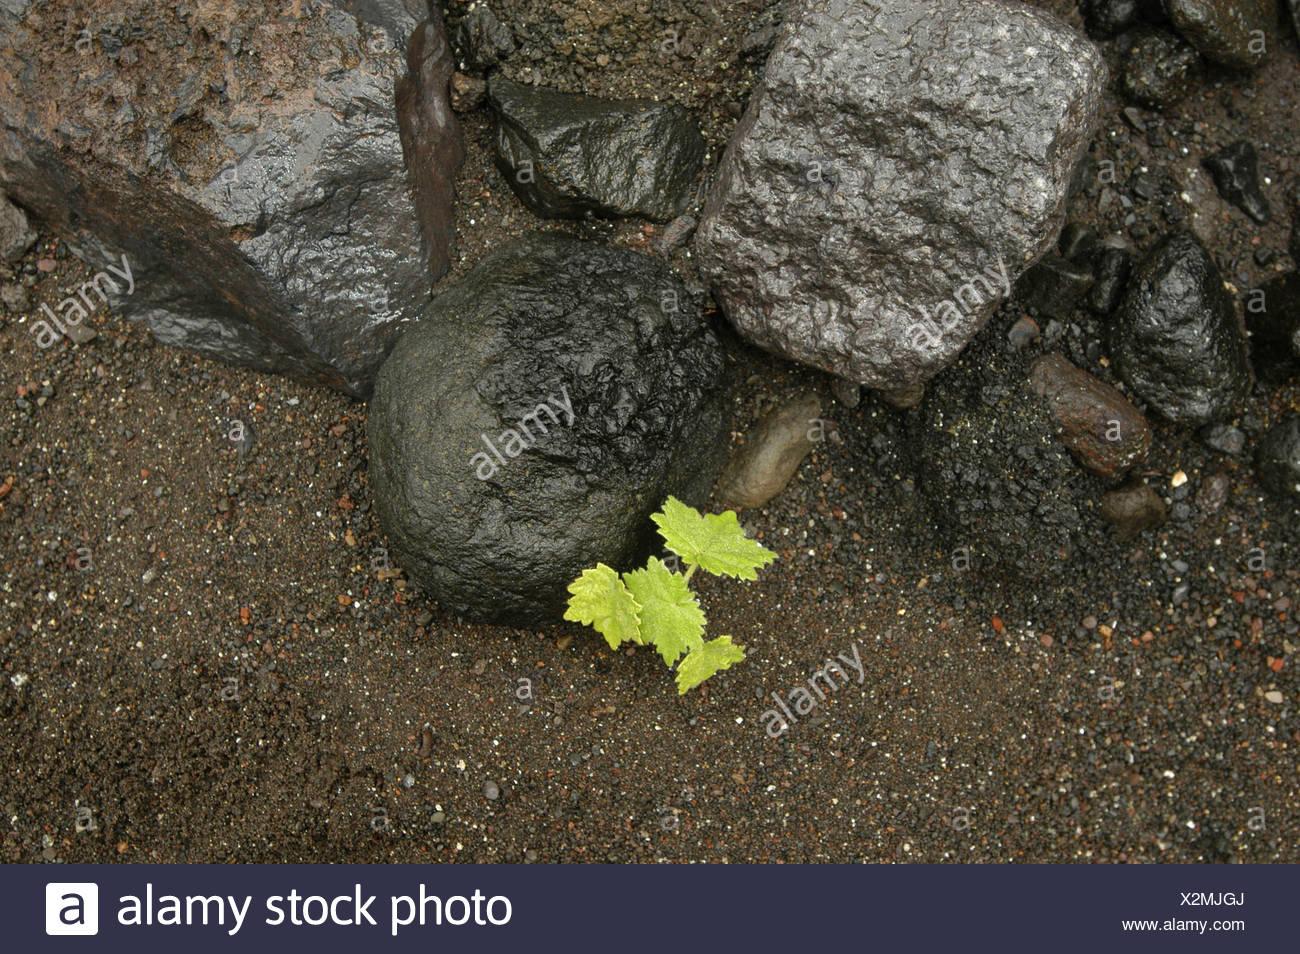 Les falaises de roches feuilles vert-gris de l'opposition de contraste Ile de la Reunion océan Indien usine contraste gravier Photo Stock